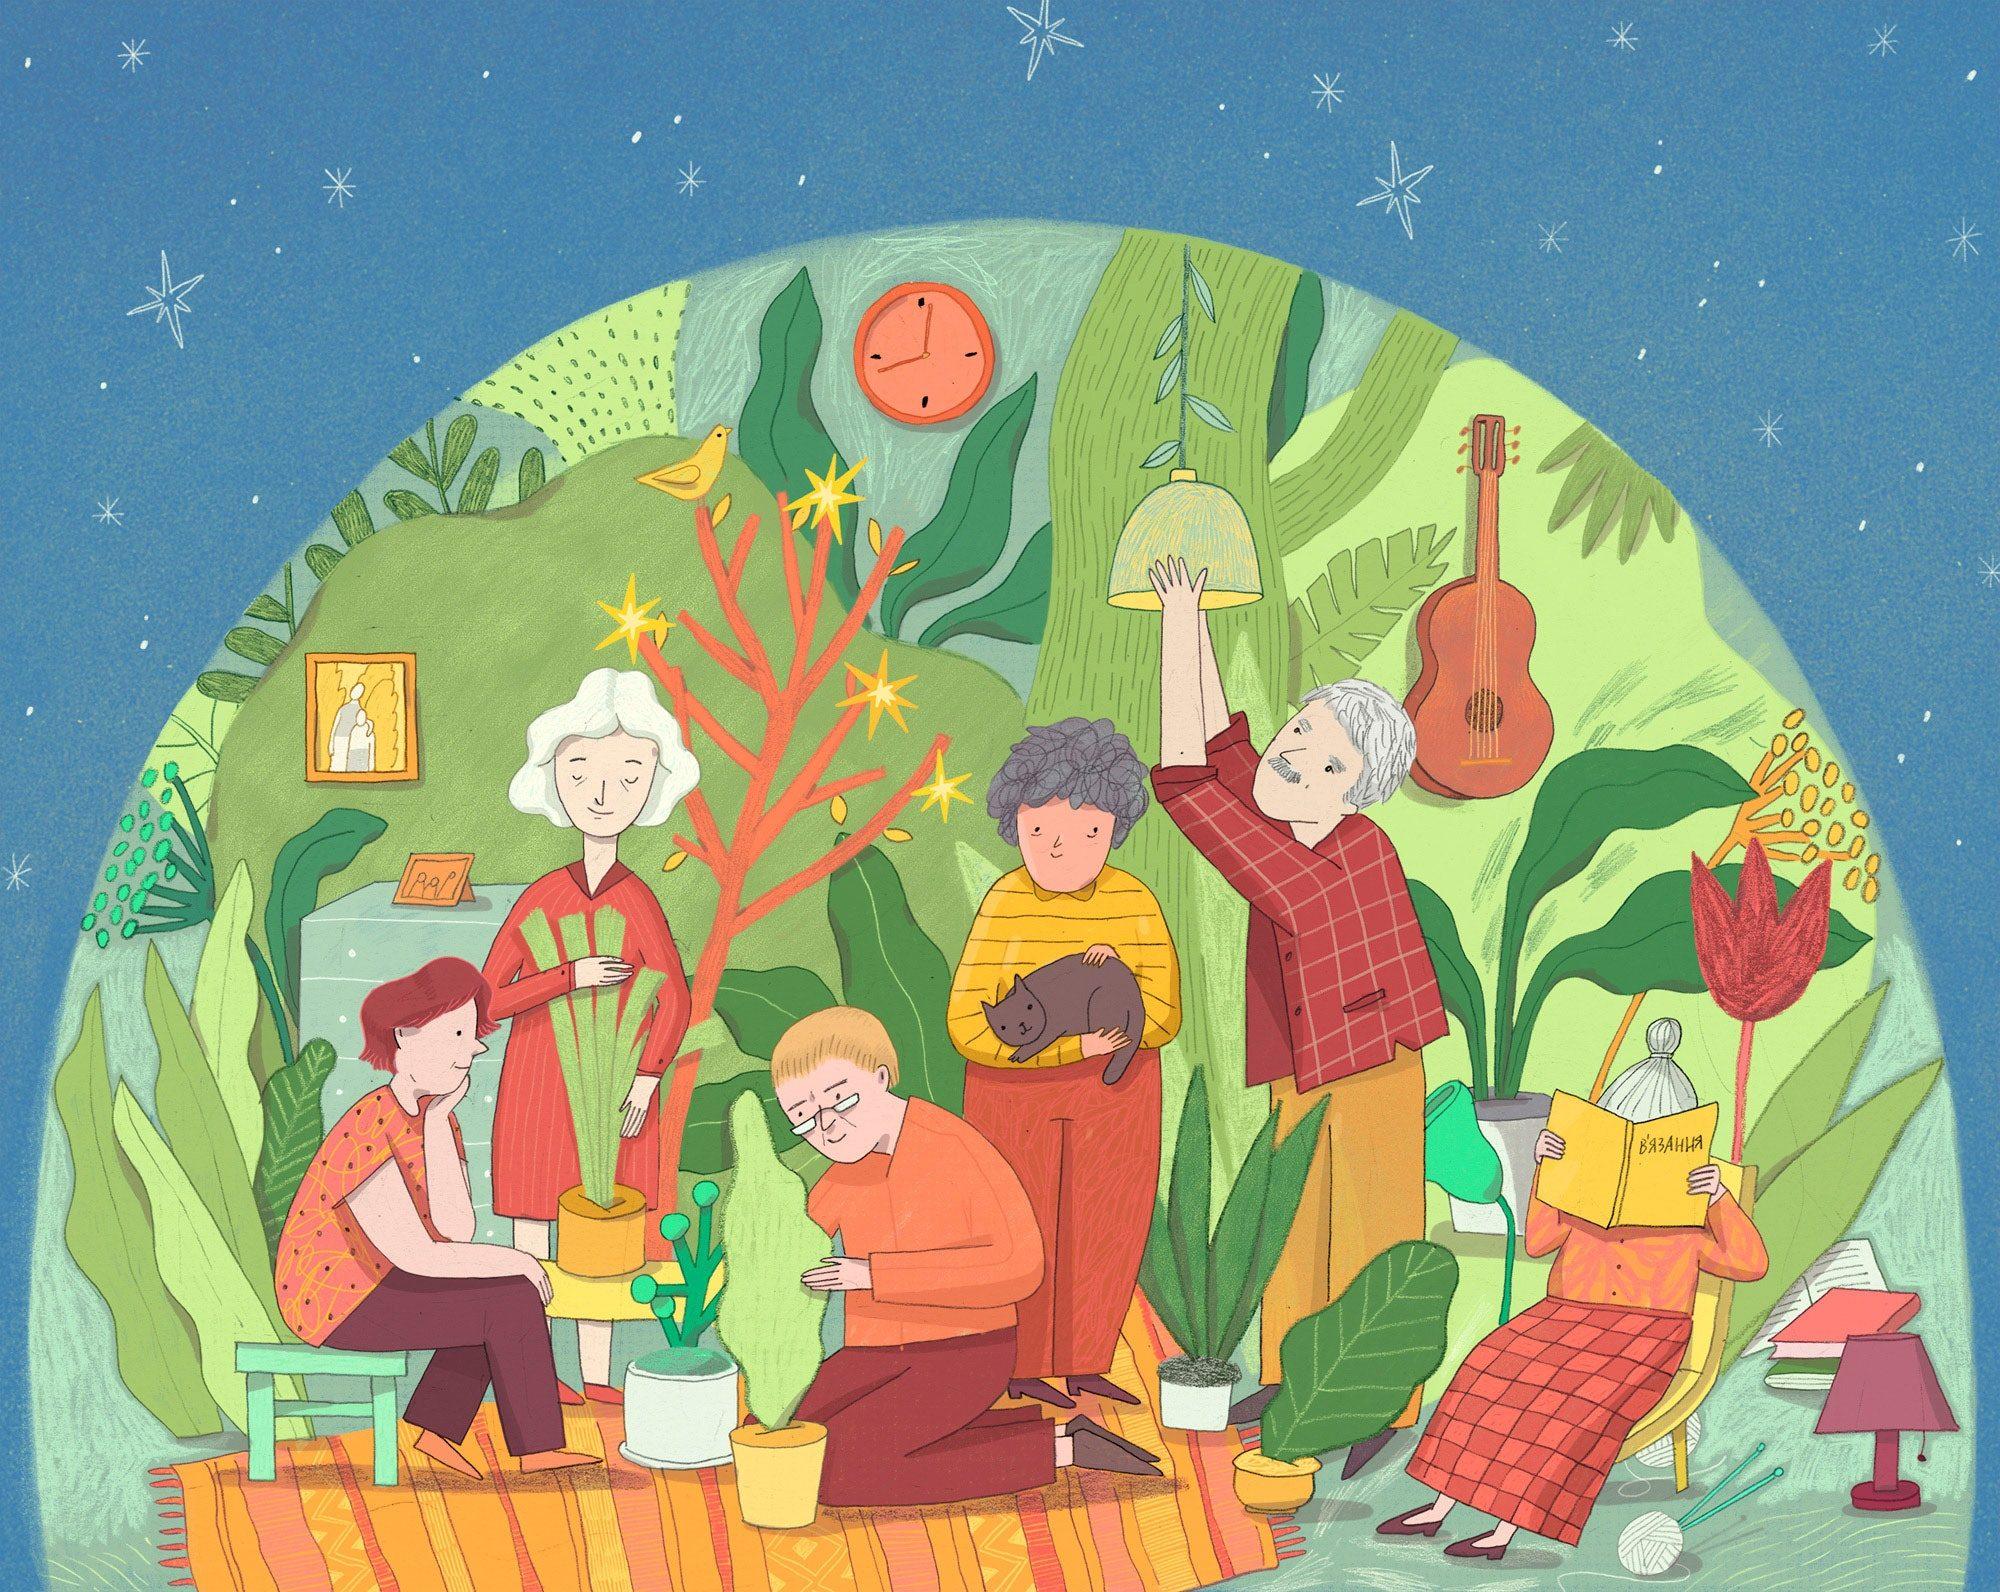 Ілюстраторка Євгенія Гайдамака: робота дає мені можливість досліджувати світ - Україна, світ - ZHenya5 2000x1592